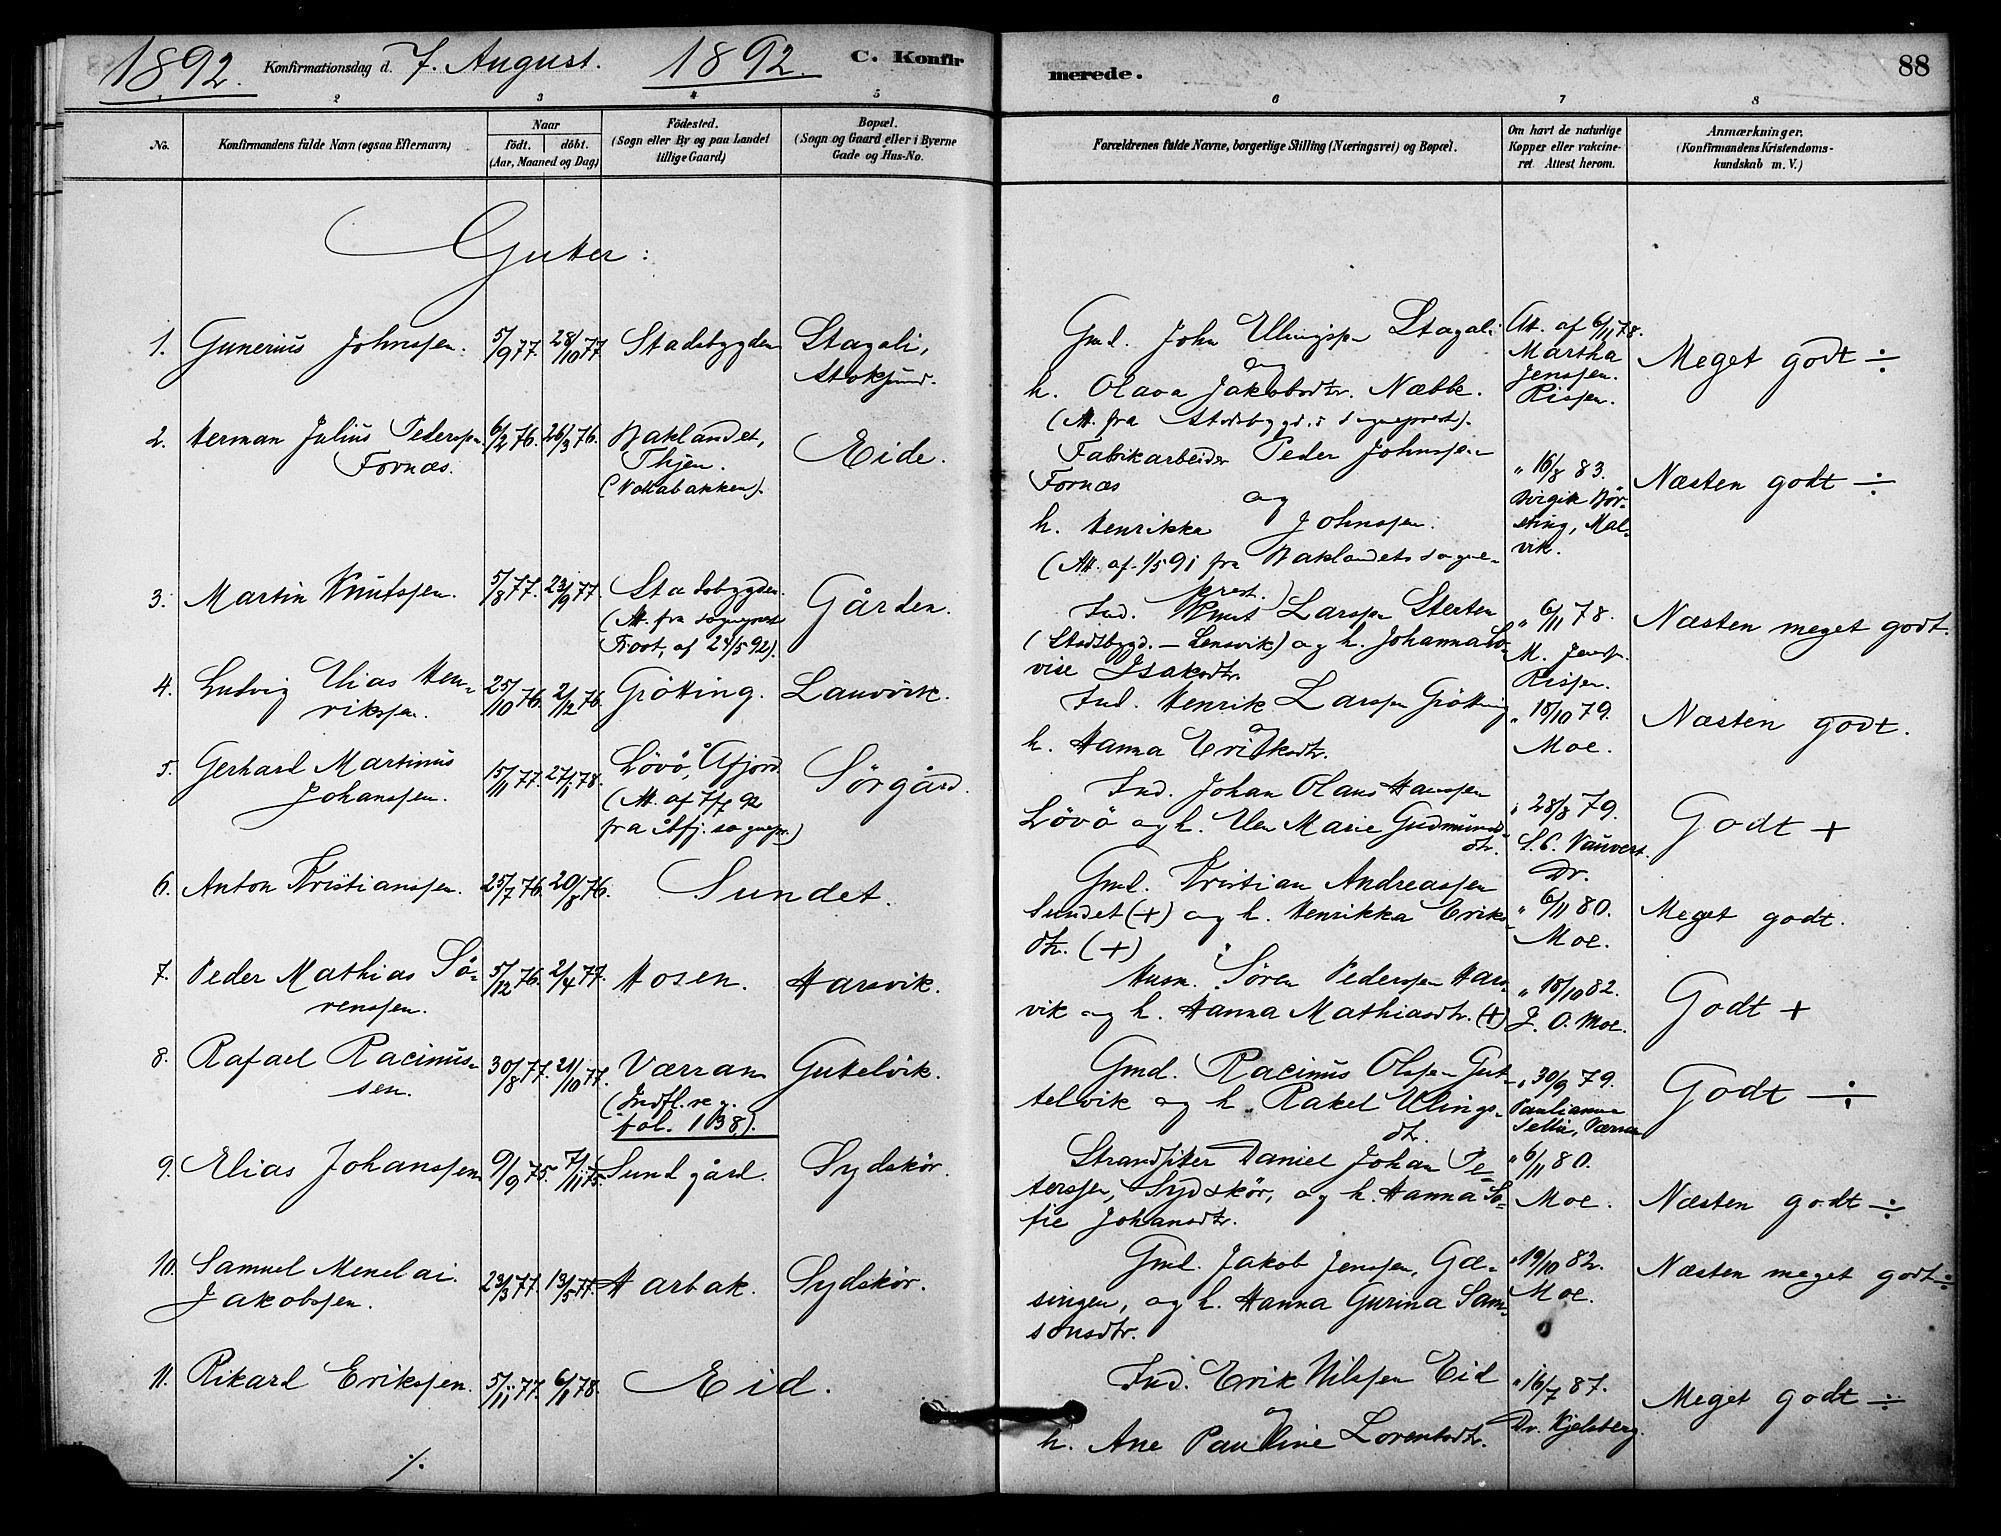 SAT, Ministerialprotokoller, klokkerbøker og fødselsregistre - Sør-Trøndelag, 656/L0692: Ministerialbok nr. 656A01, 1879-1893, s. 88